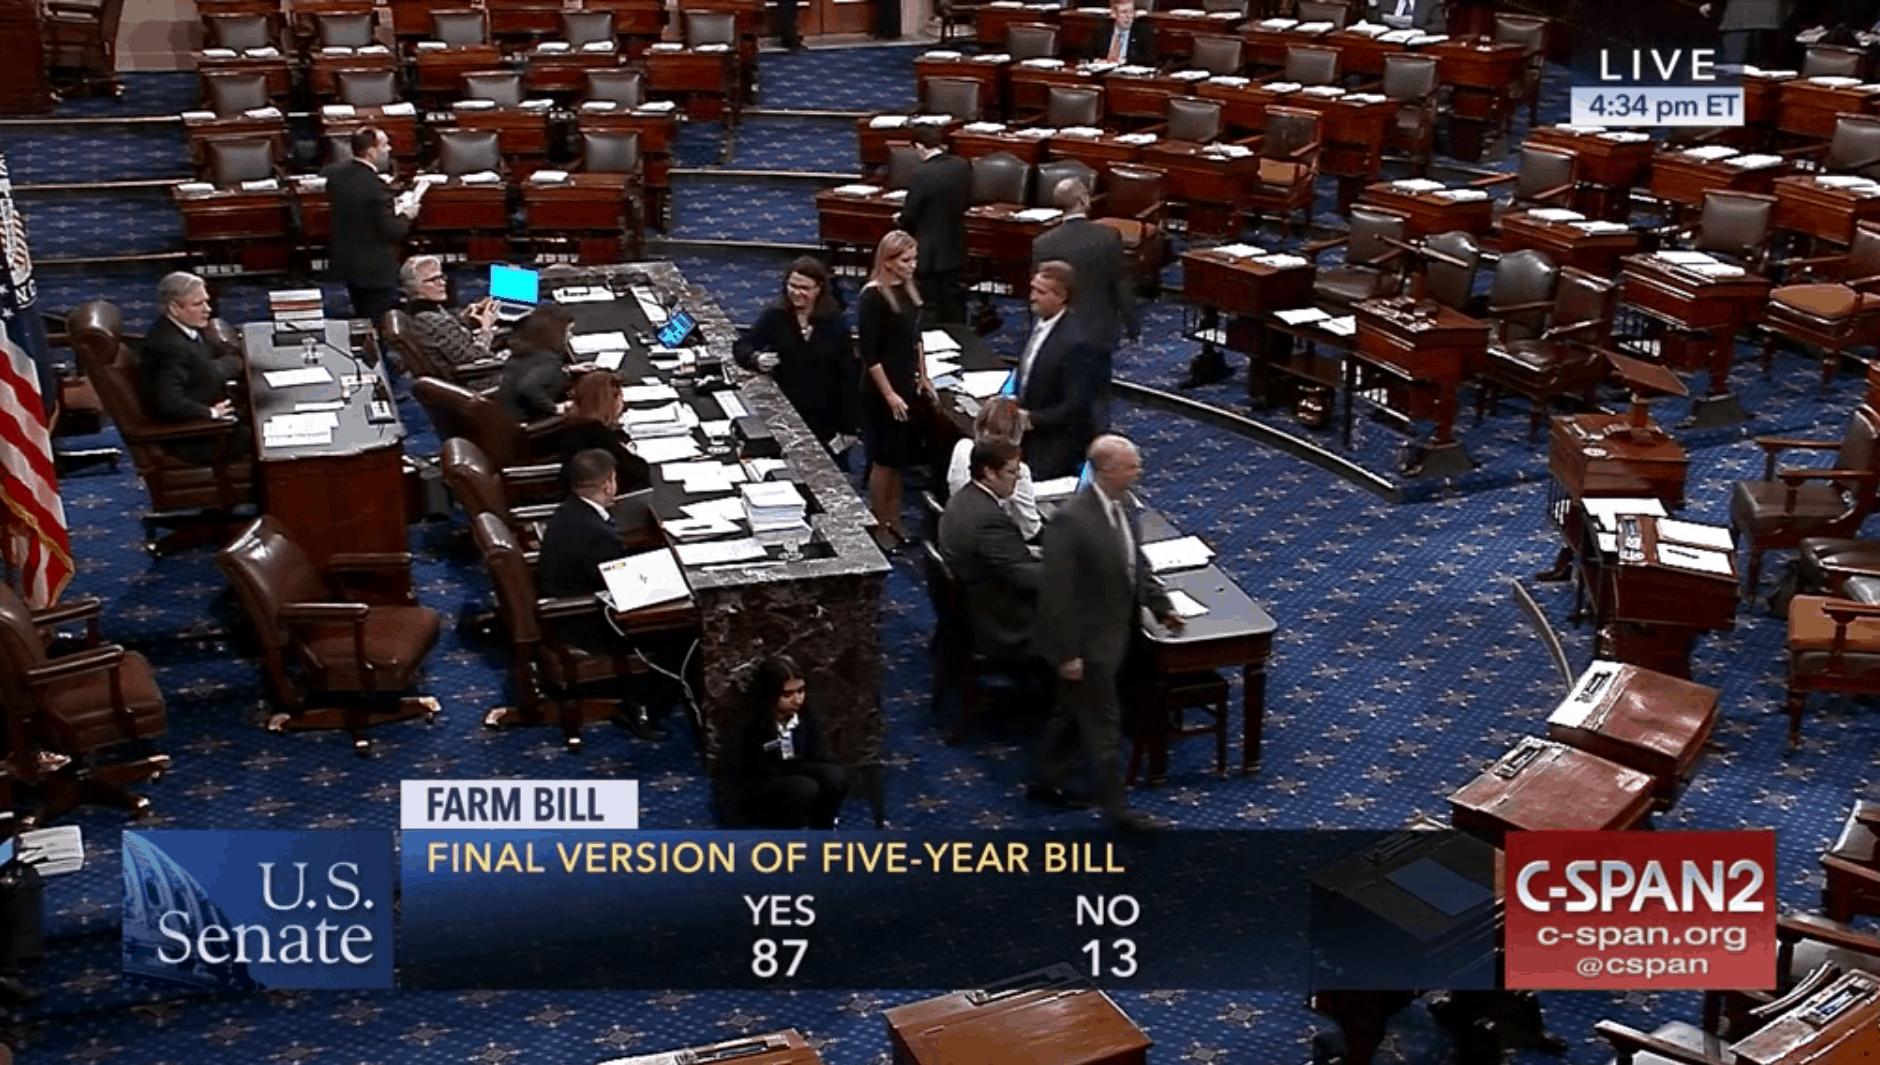 farm bill passage